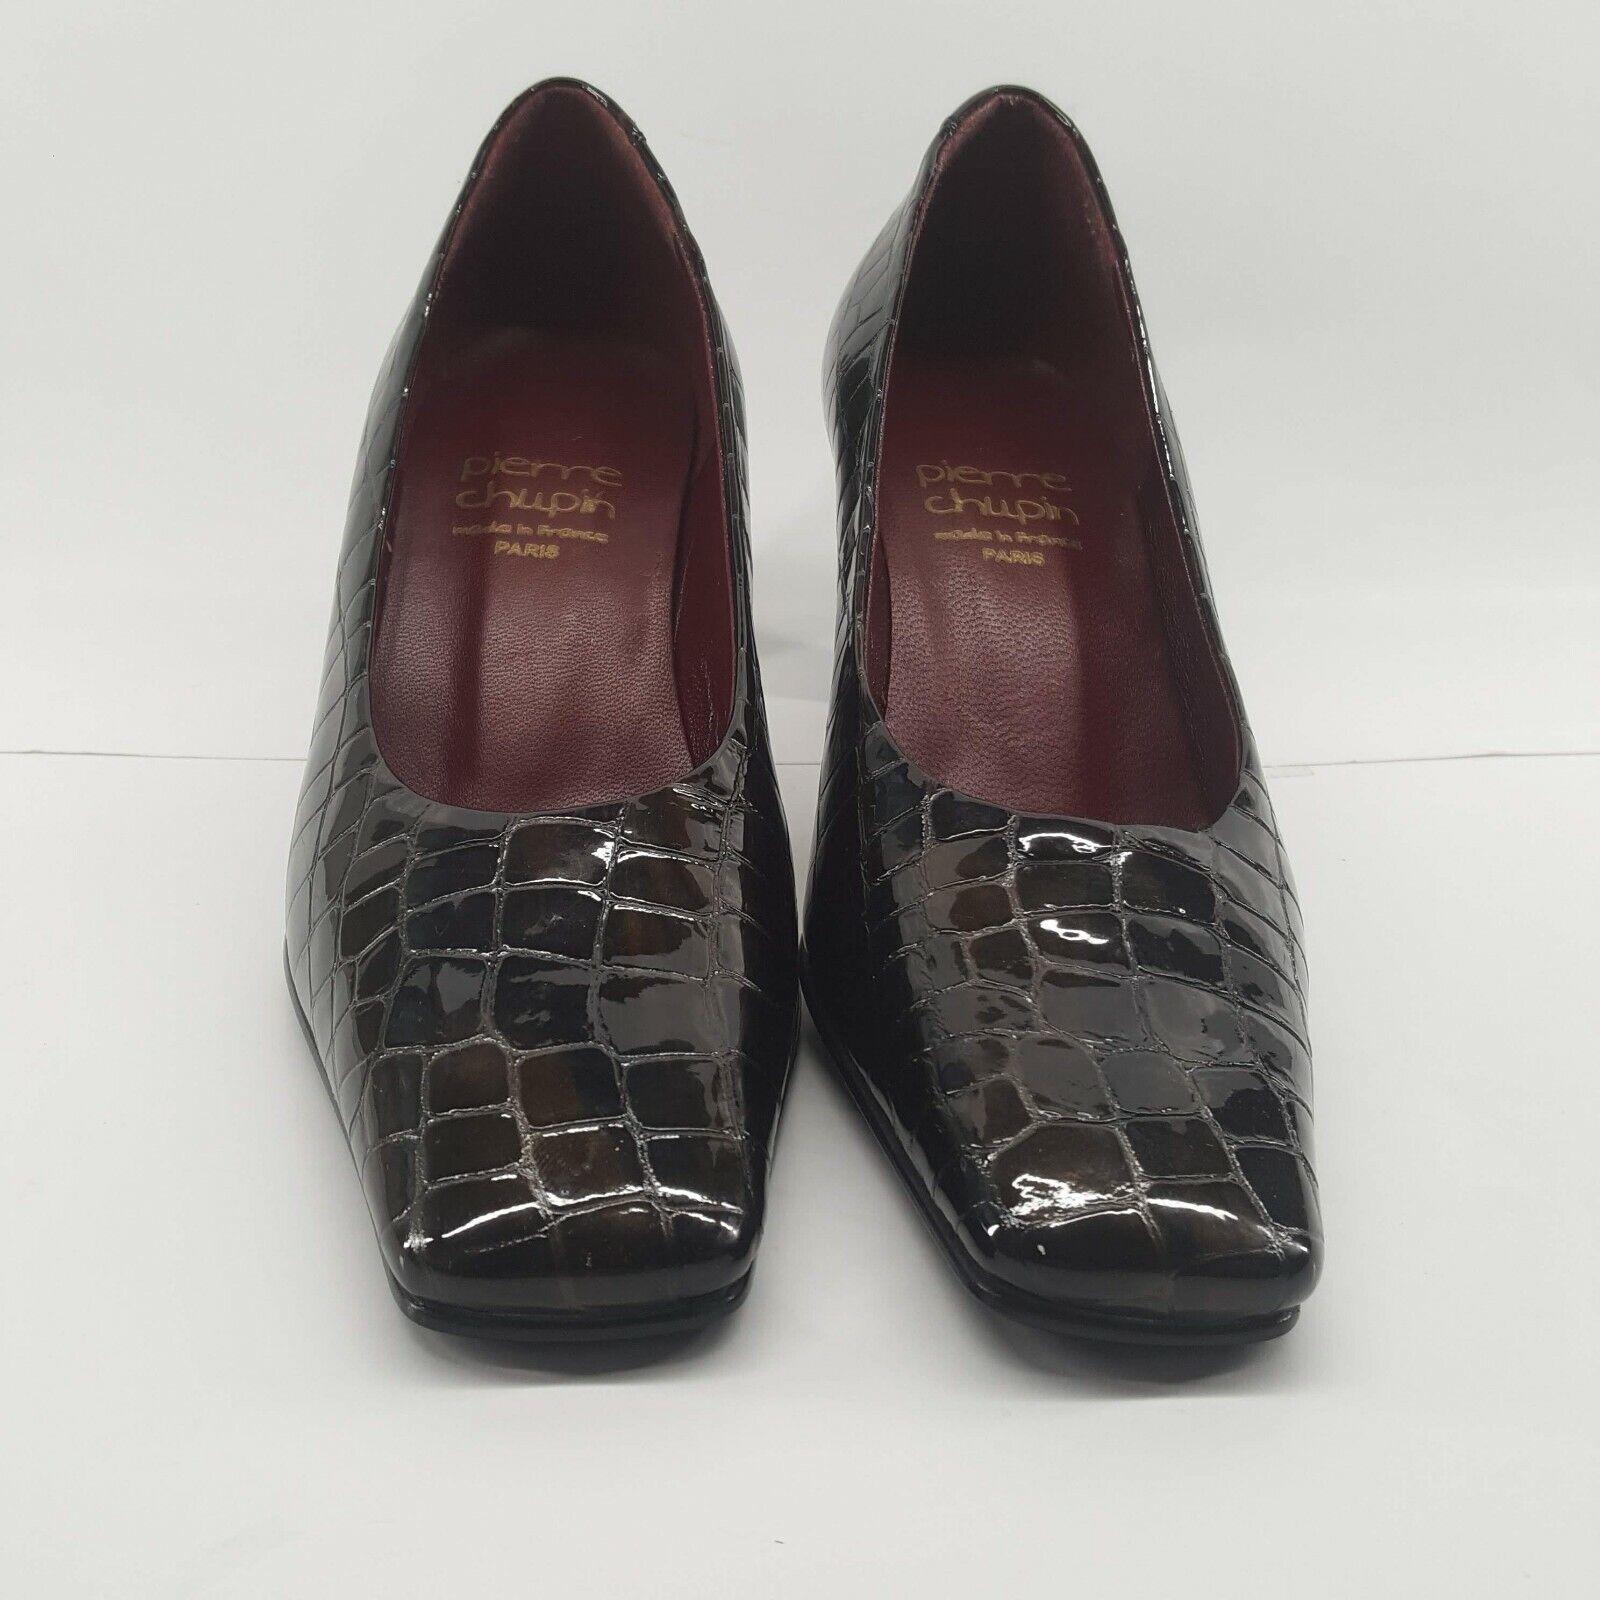 economico in alta qualità PIERRE CHUPIN Ladies Court scarpe scarpe scarpe Marrone Croc Print Patent Leather Square Toe  risparmia fino al 50%